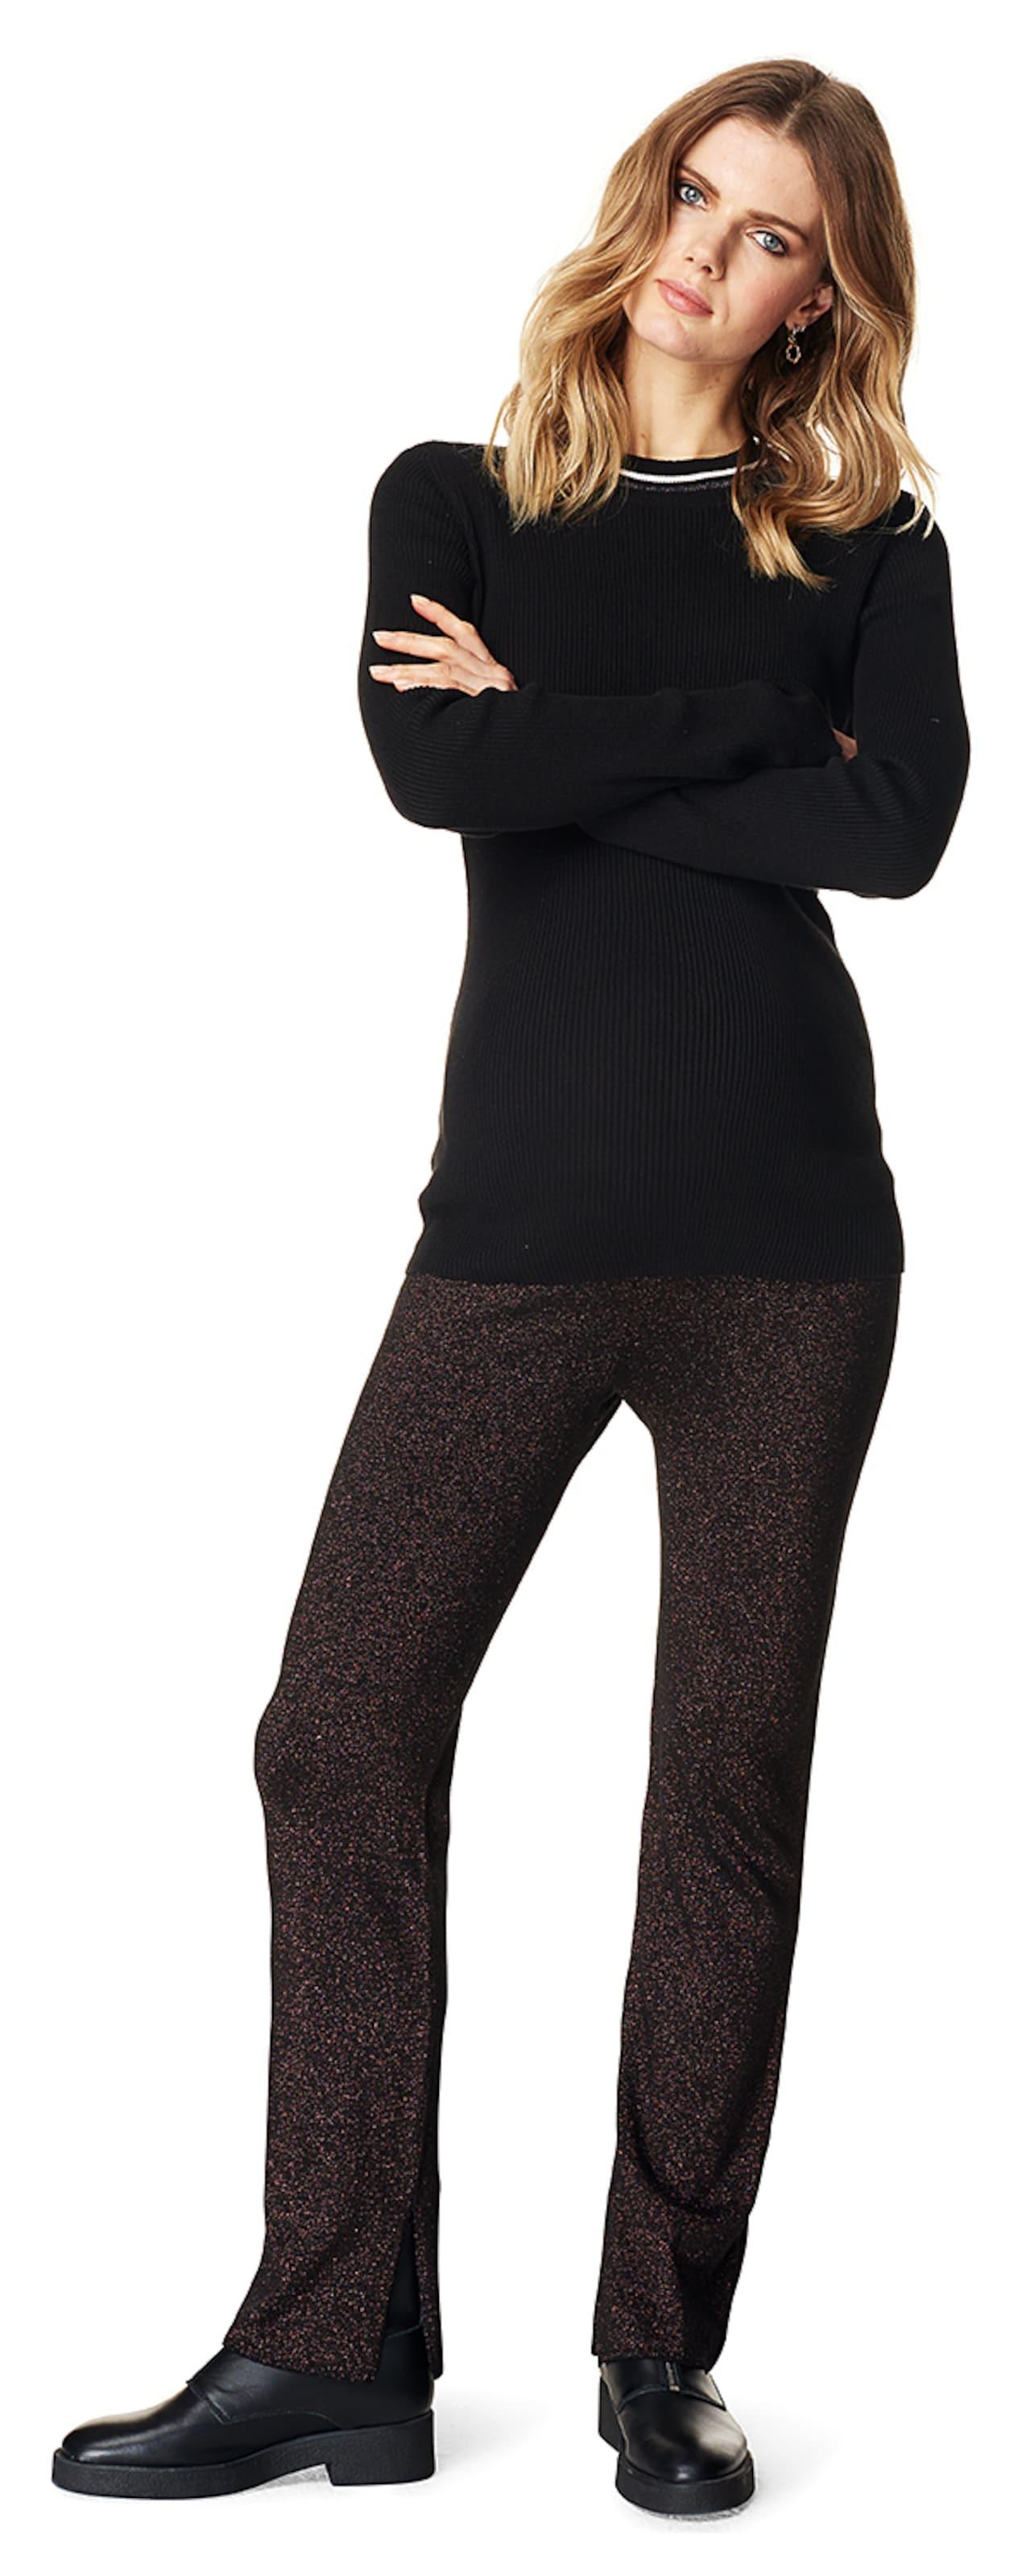 Noppies Pullover 'Rib' Spielraum Manchester Großer Verkauf Verkauf Erstaunlicher Preis Auslass 2018 Neu Günstig Kaufen Geniue Händler jaakYPJ1u